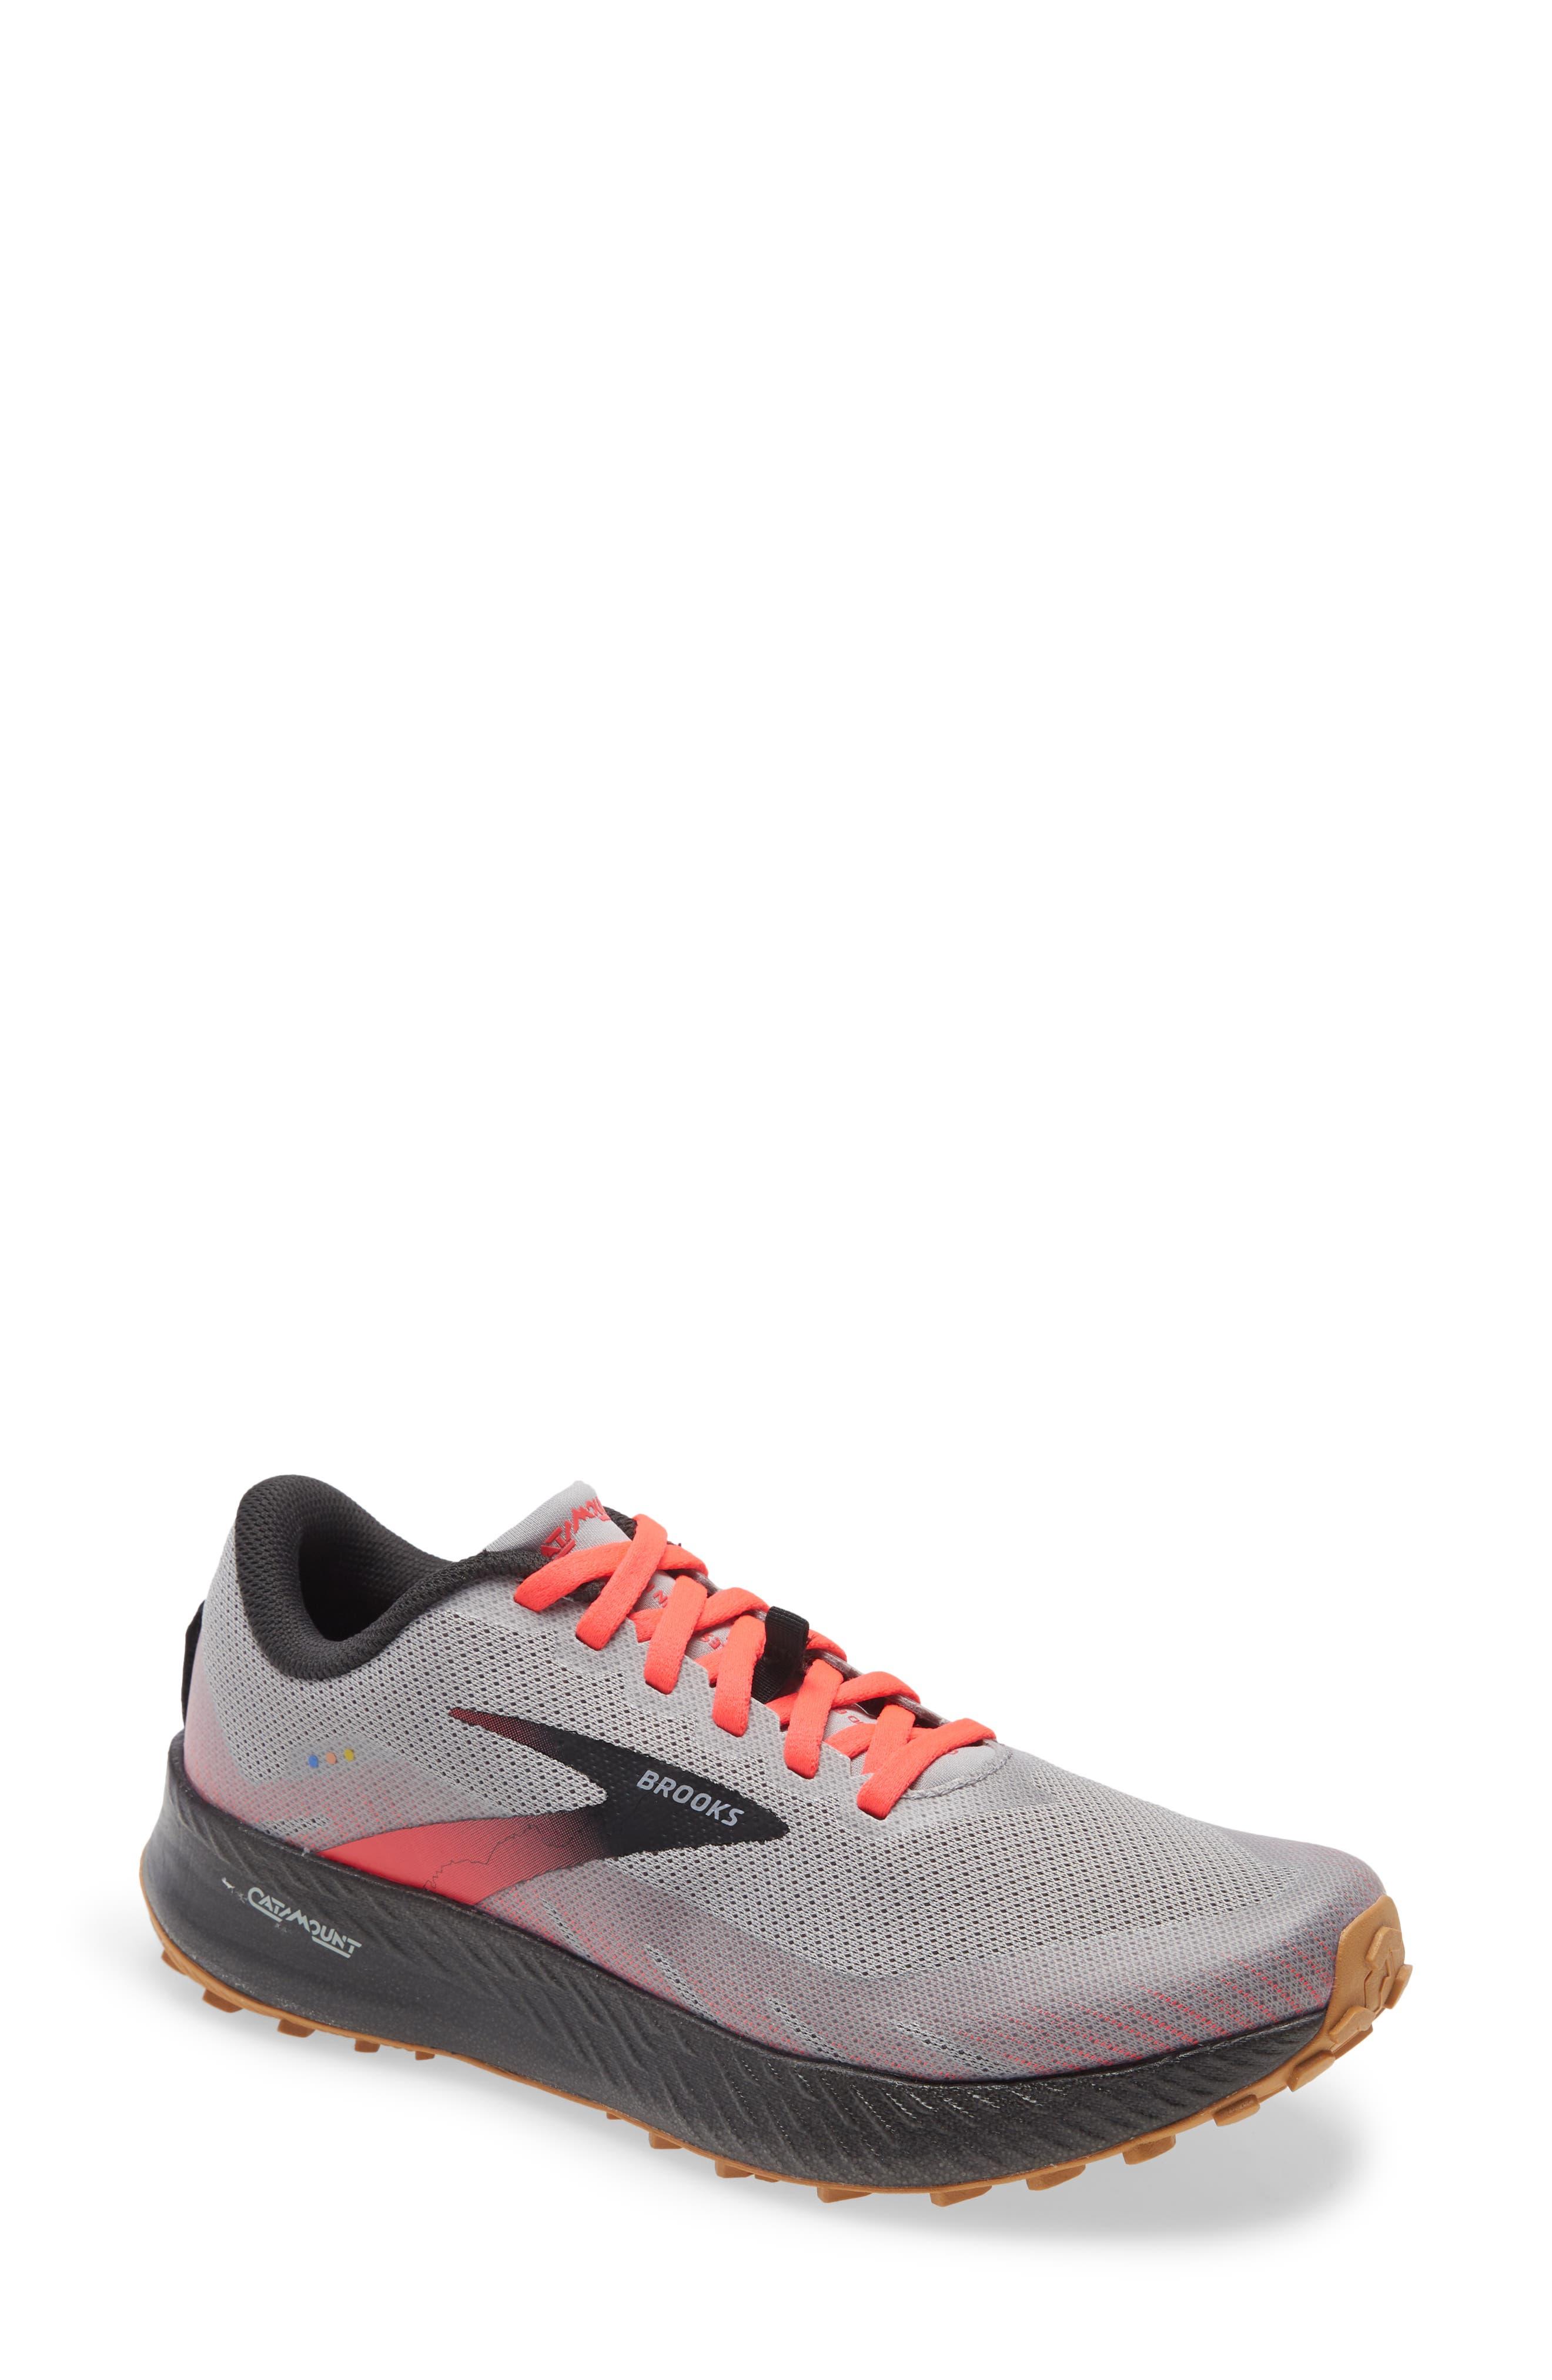 Catamount Trail Running Shoe